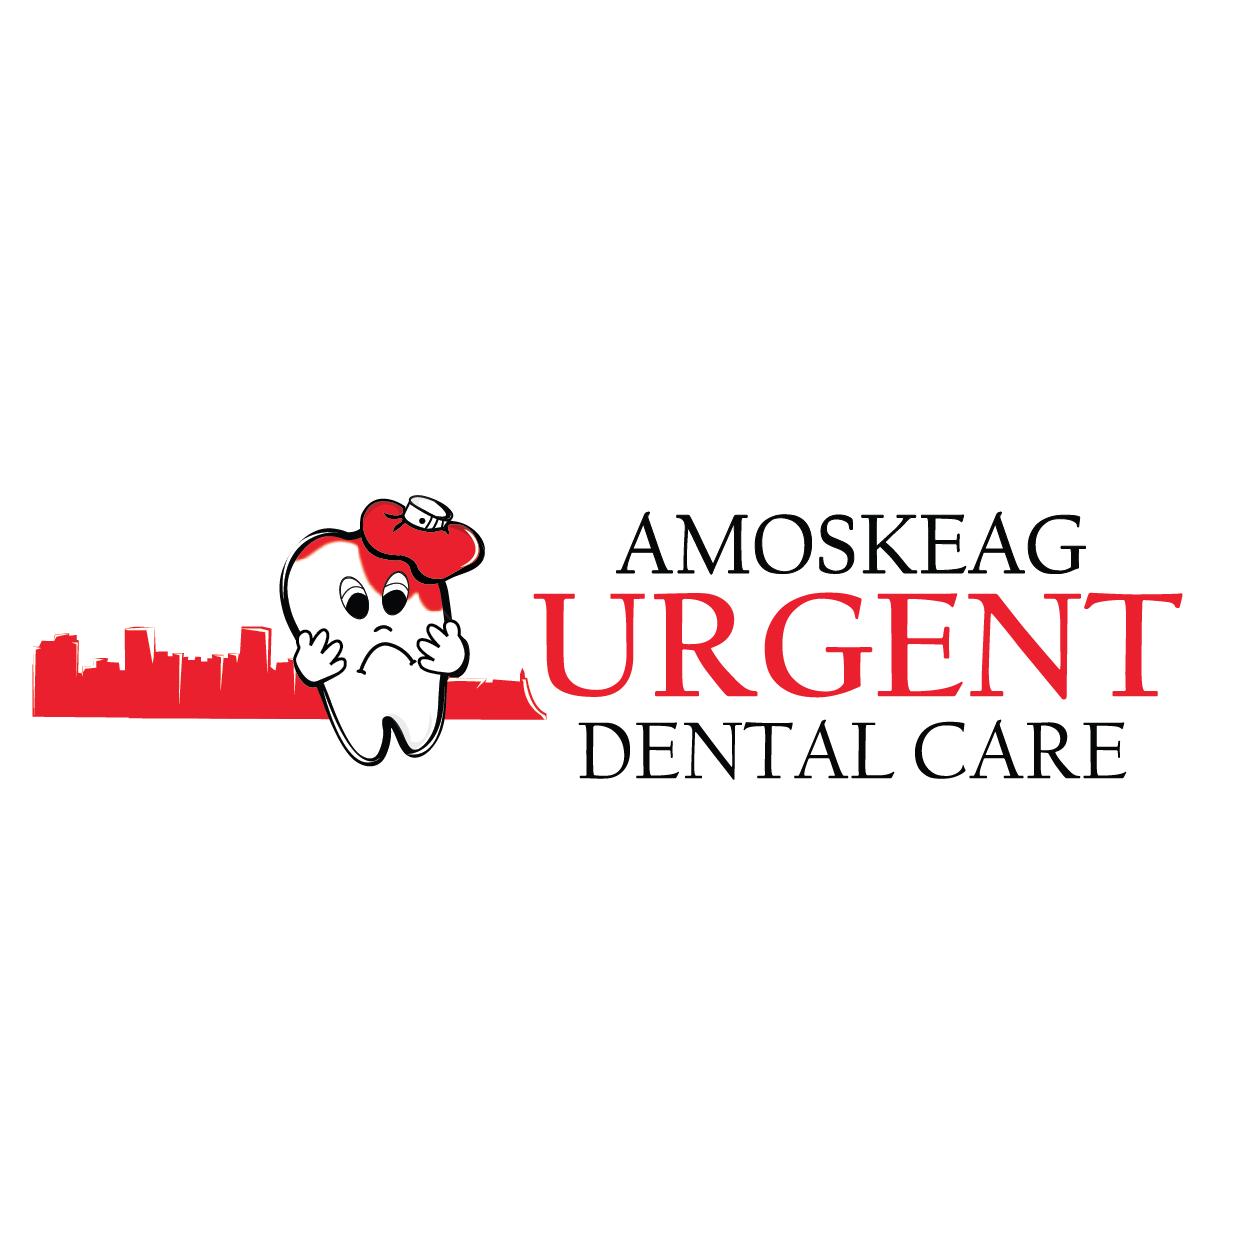 Amoskeag Urgent Dental Care image 2